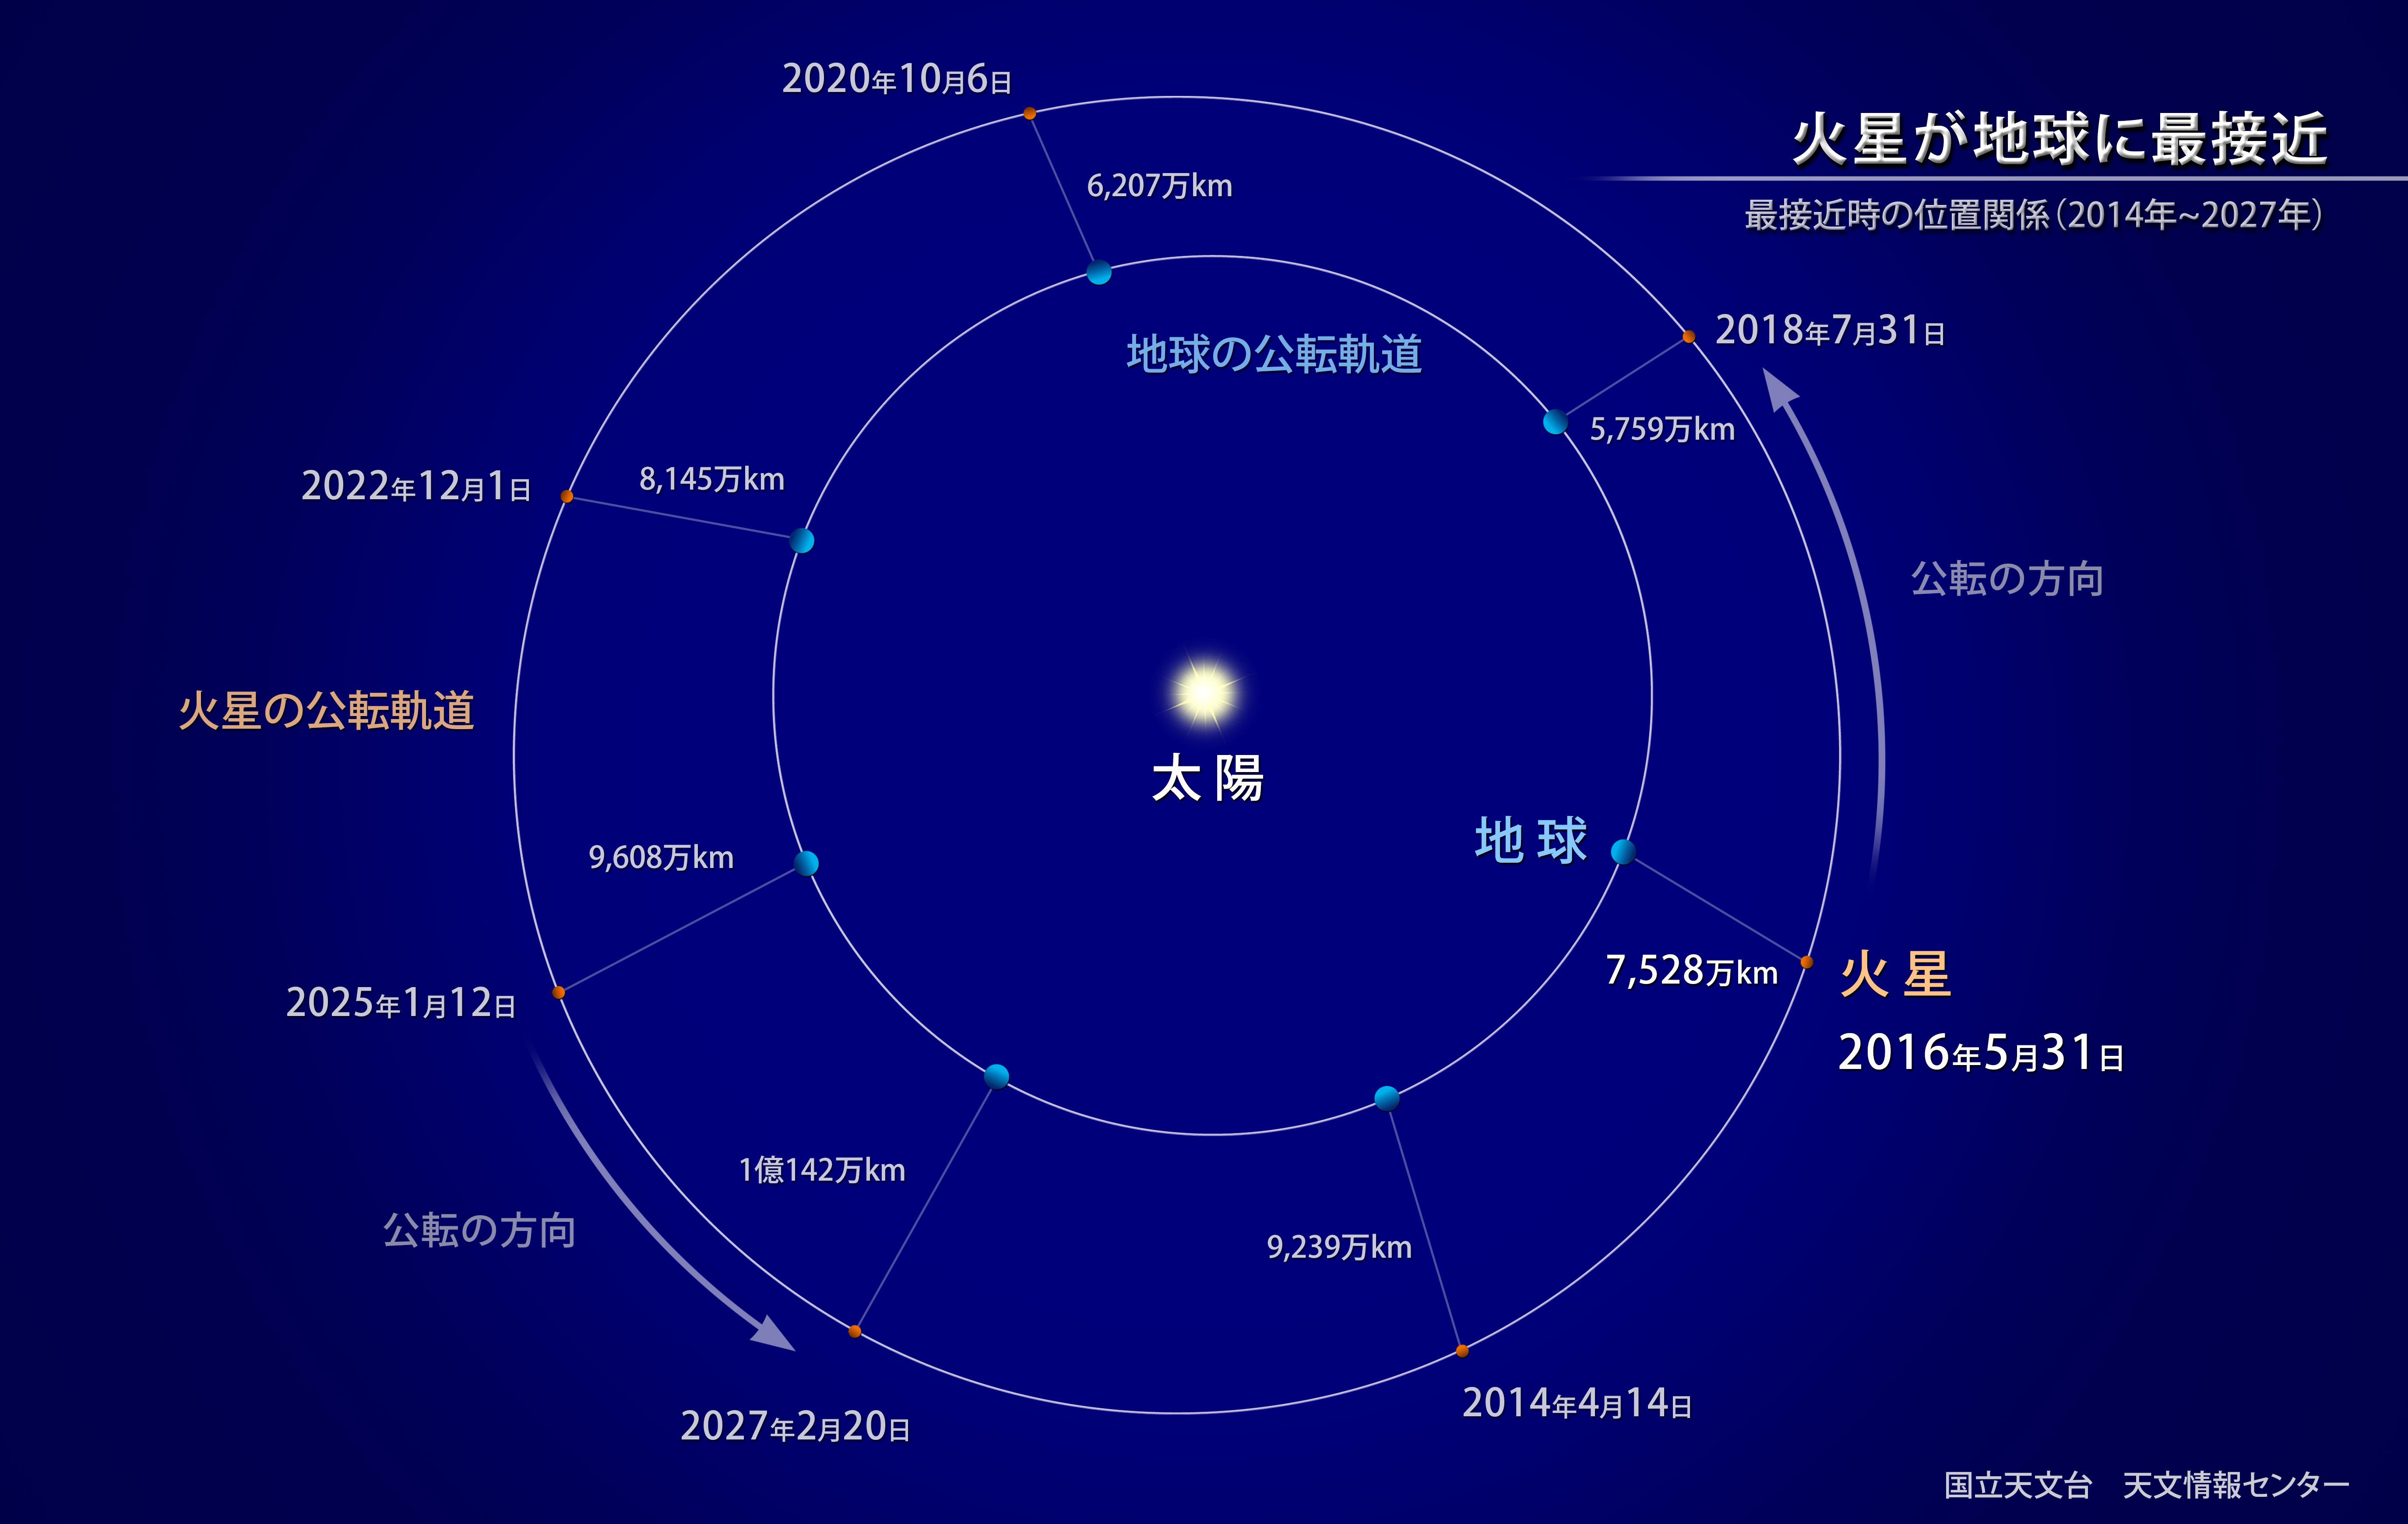 火星と地球の軌道の関係